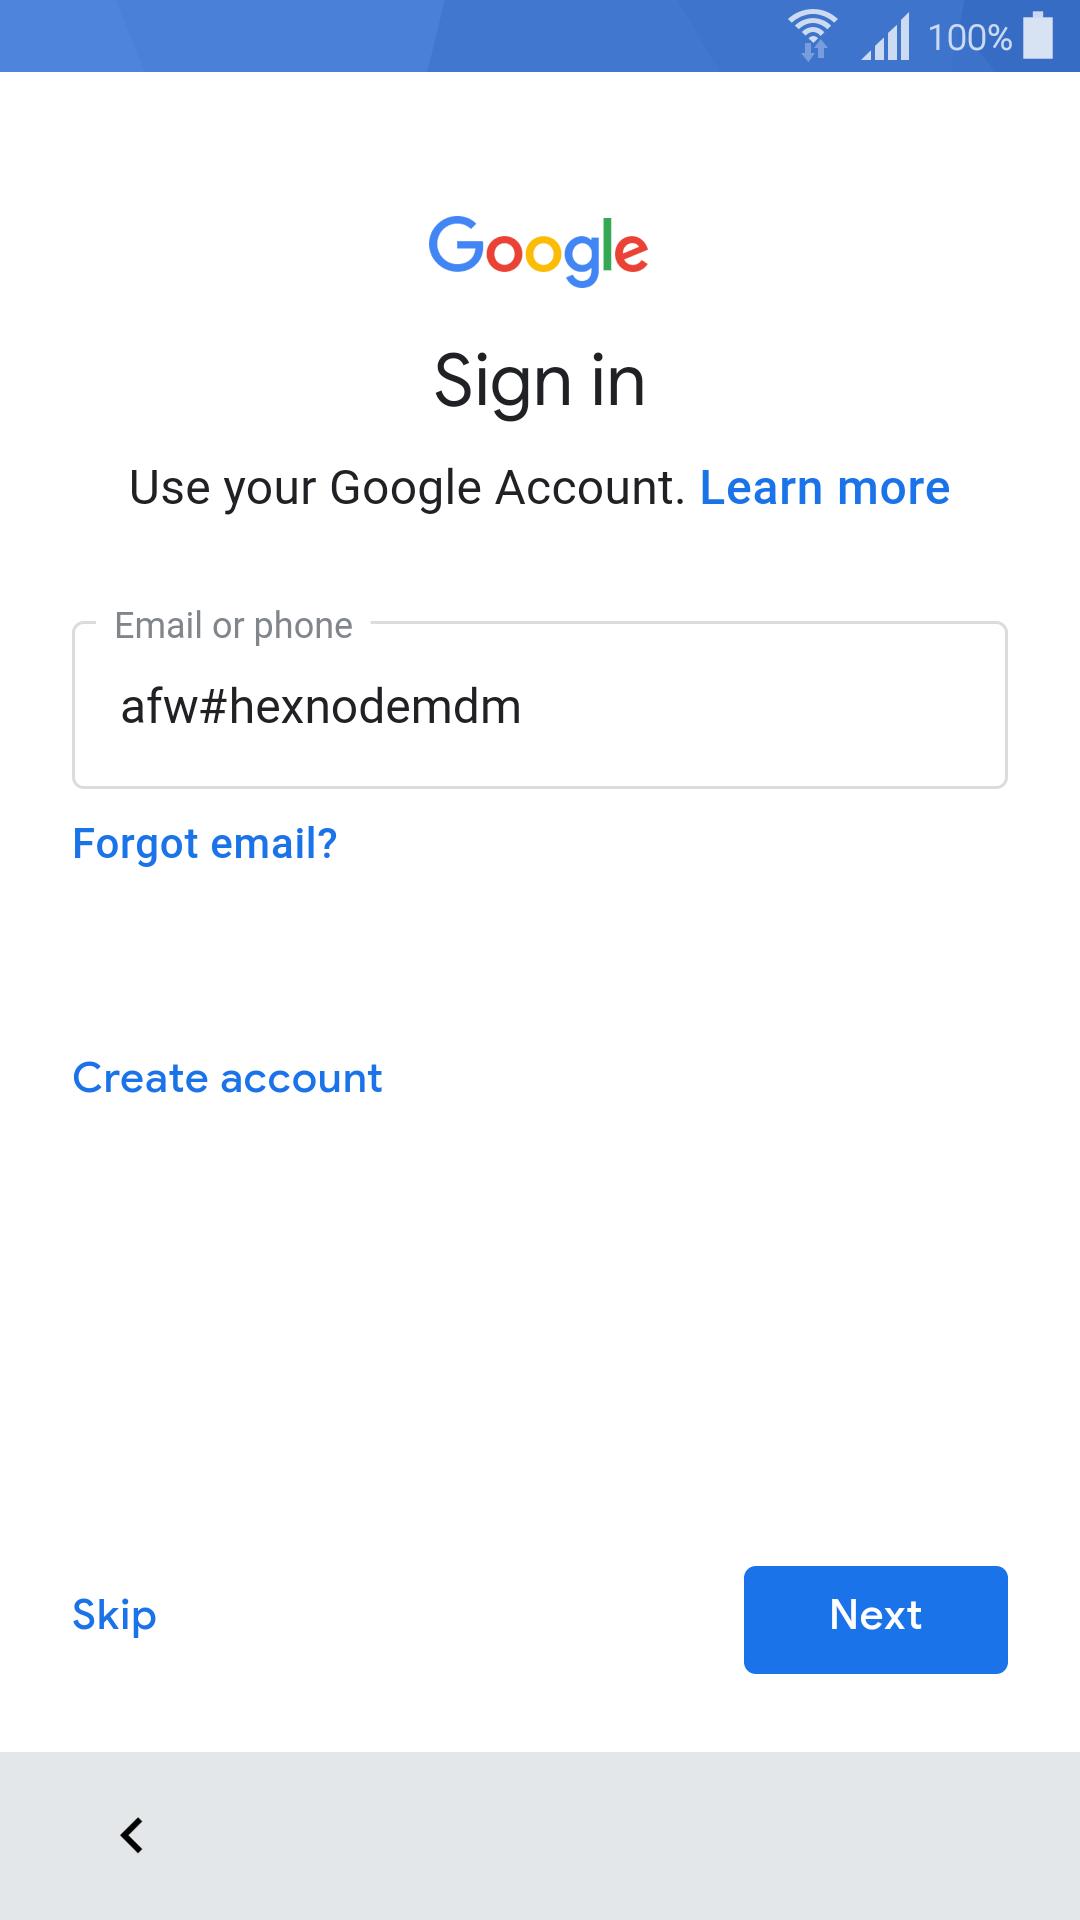 afw#hexnodemdm device owner enrollment